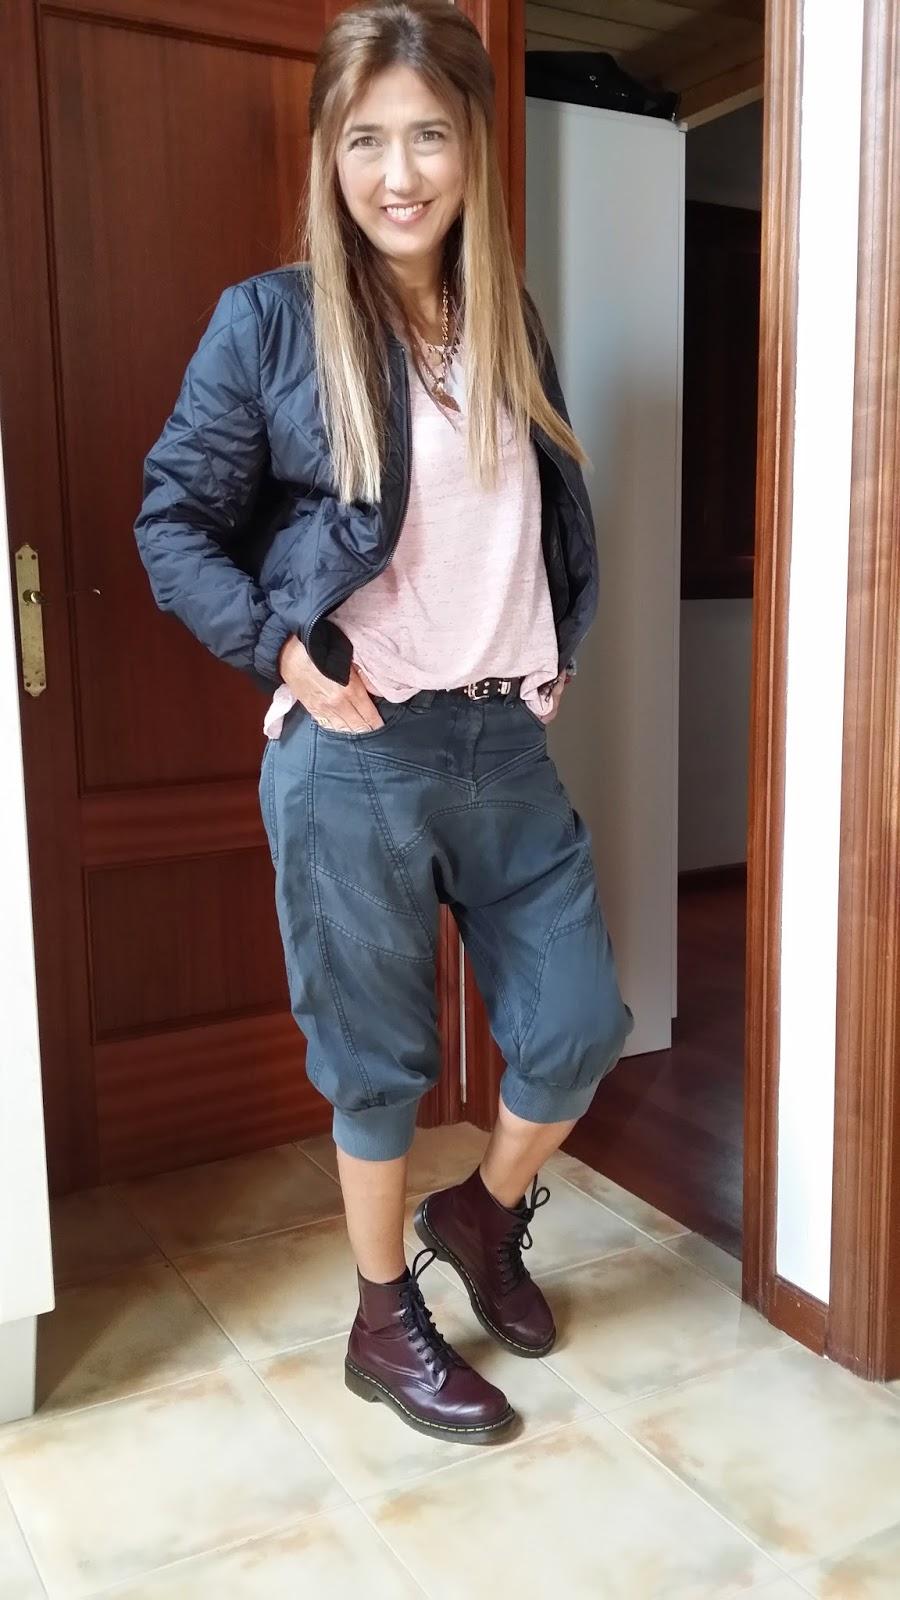 Pantalón Baggy, Cazadora American Vintage, botas Dr. Martens, Carmen Hummer Style, Pechón